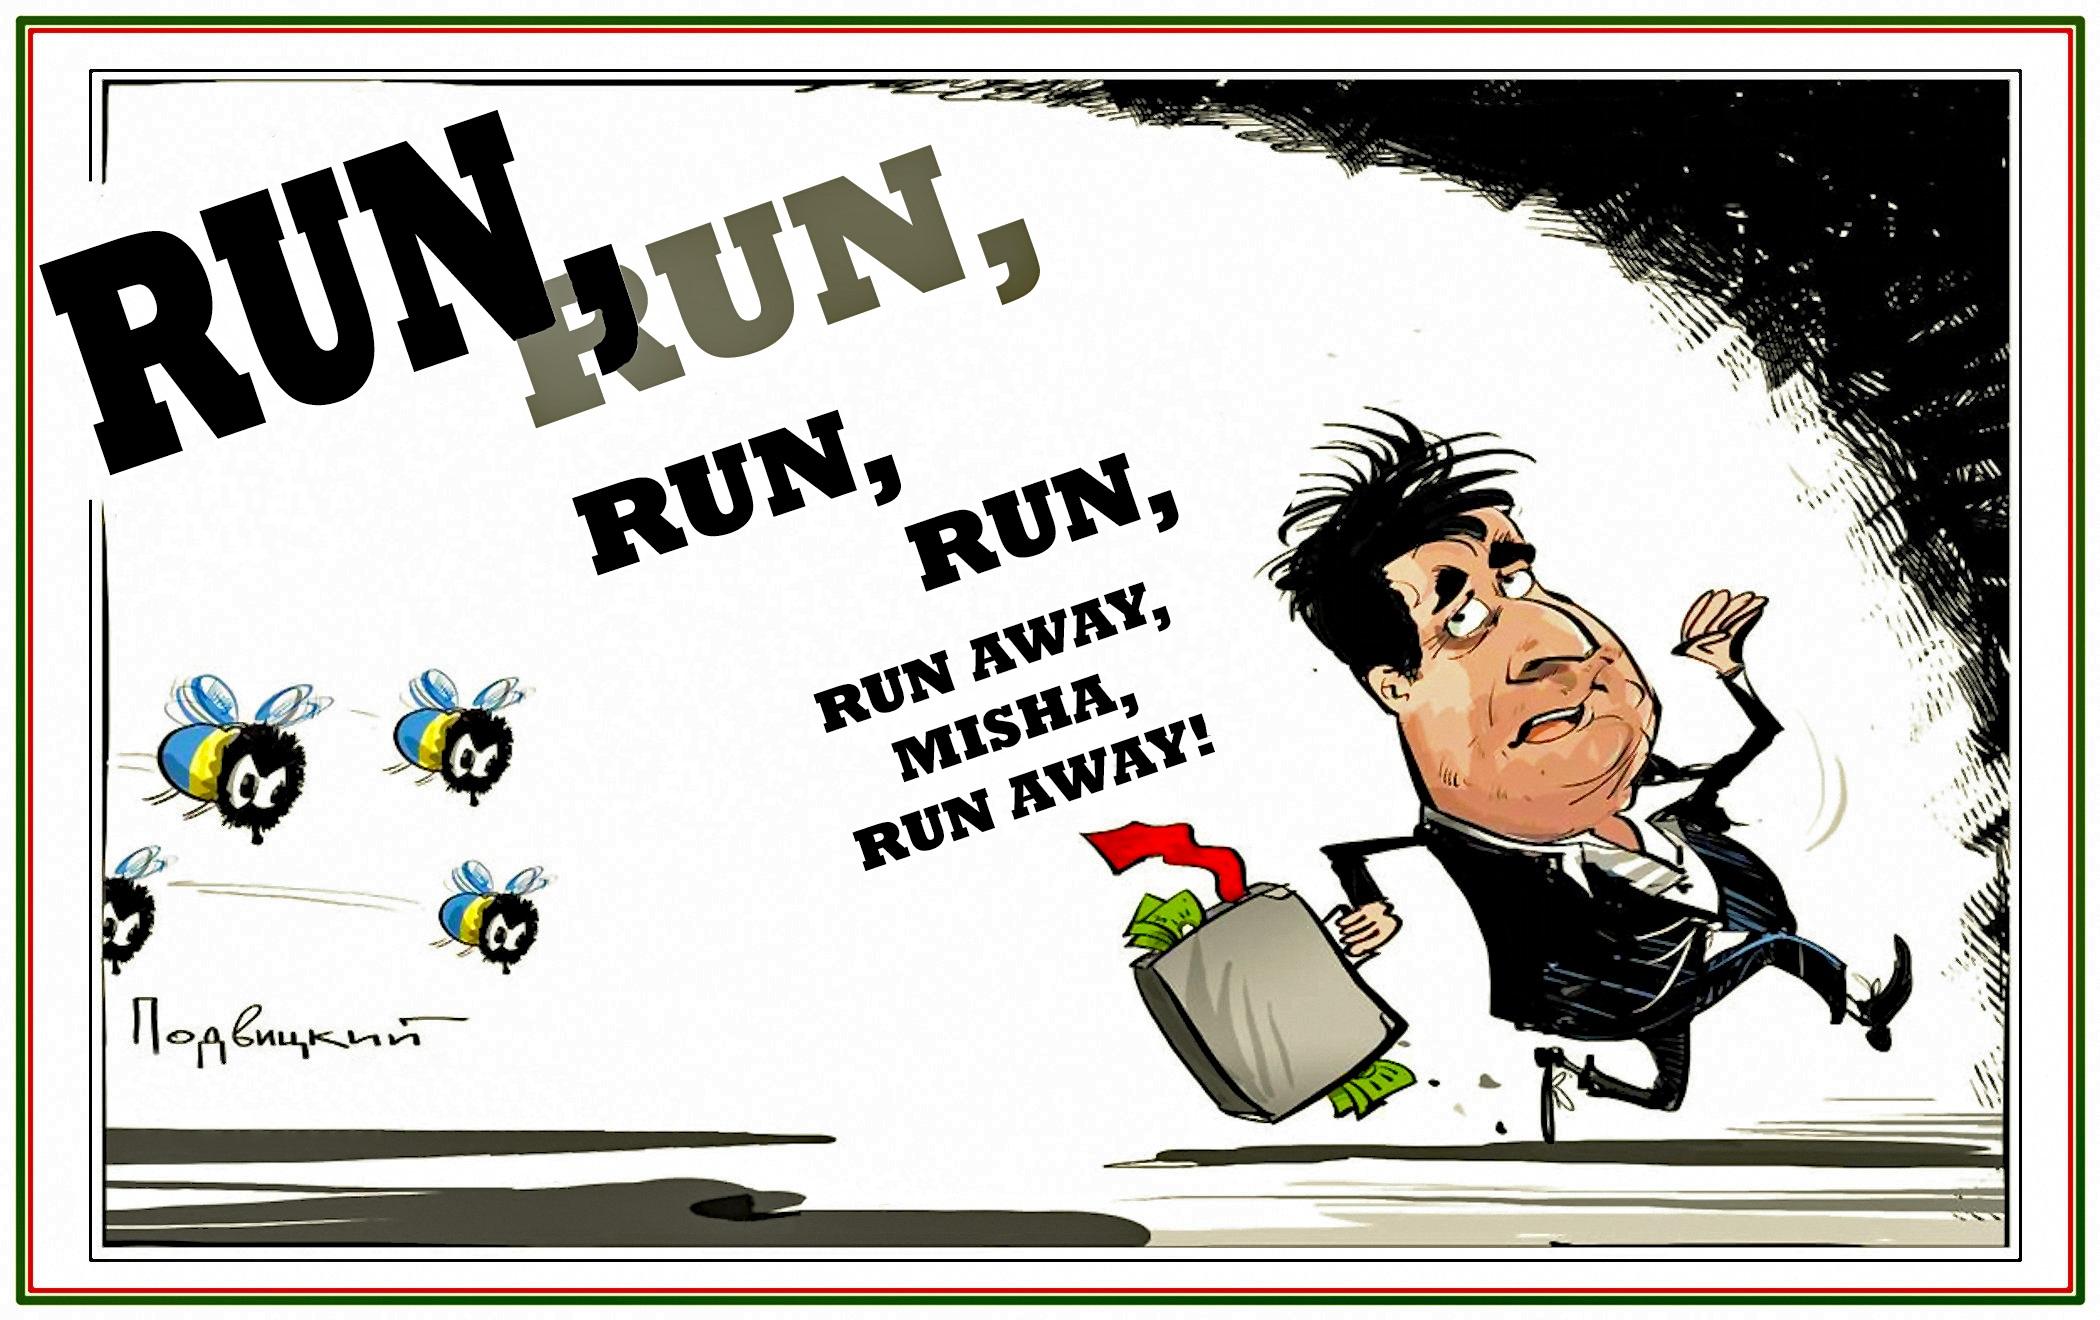 00-vitaly-podvitsky-run-run-run-run-run-away-misha-run-away-2016